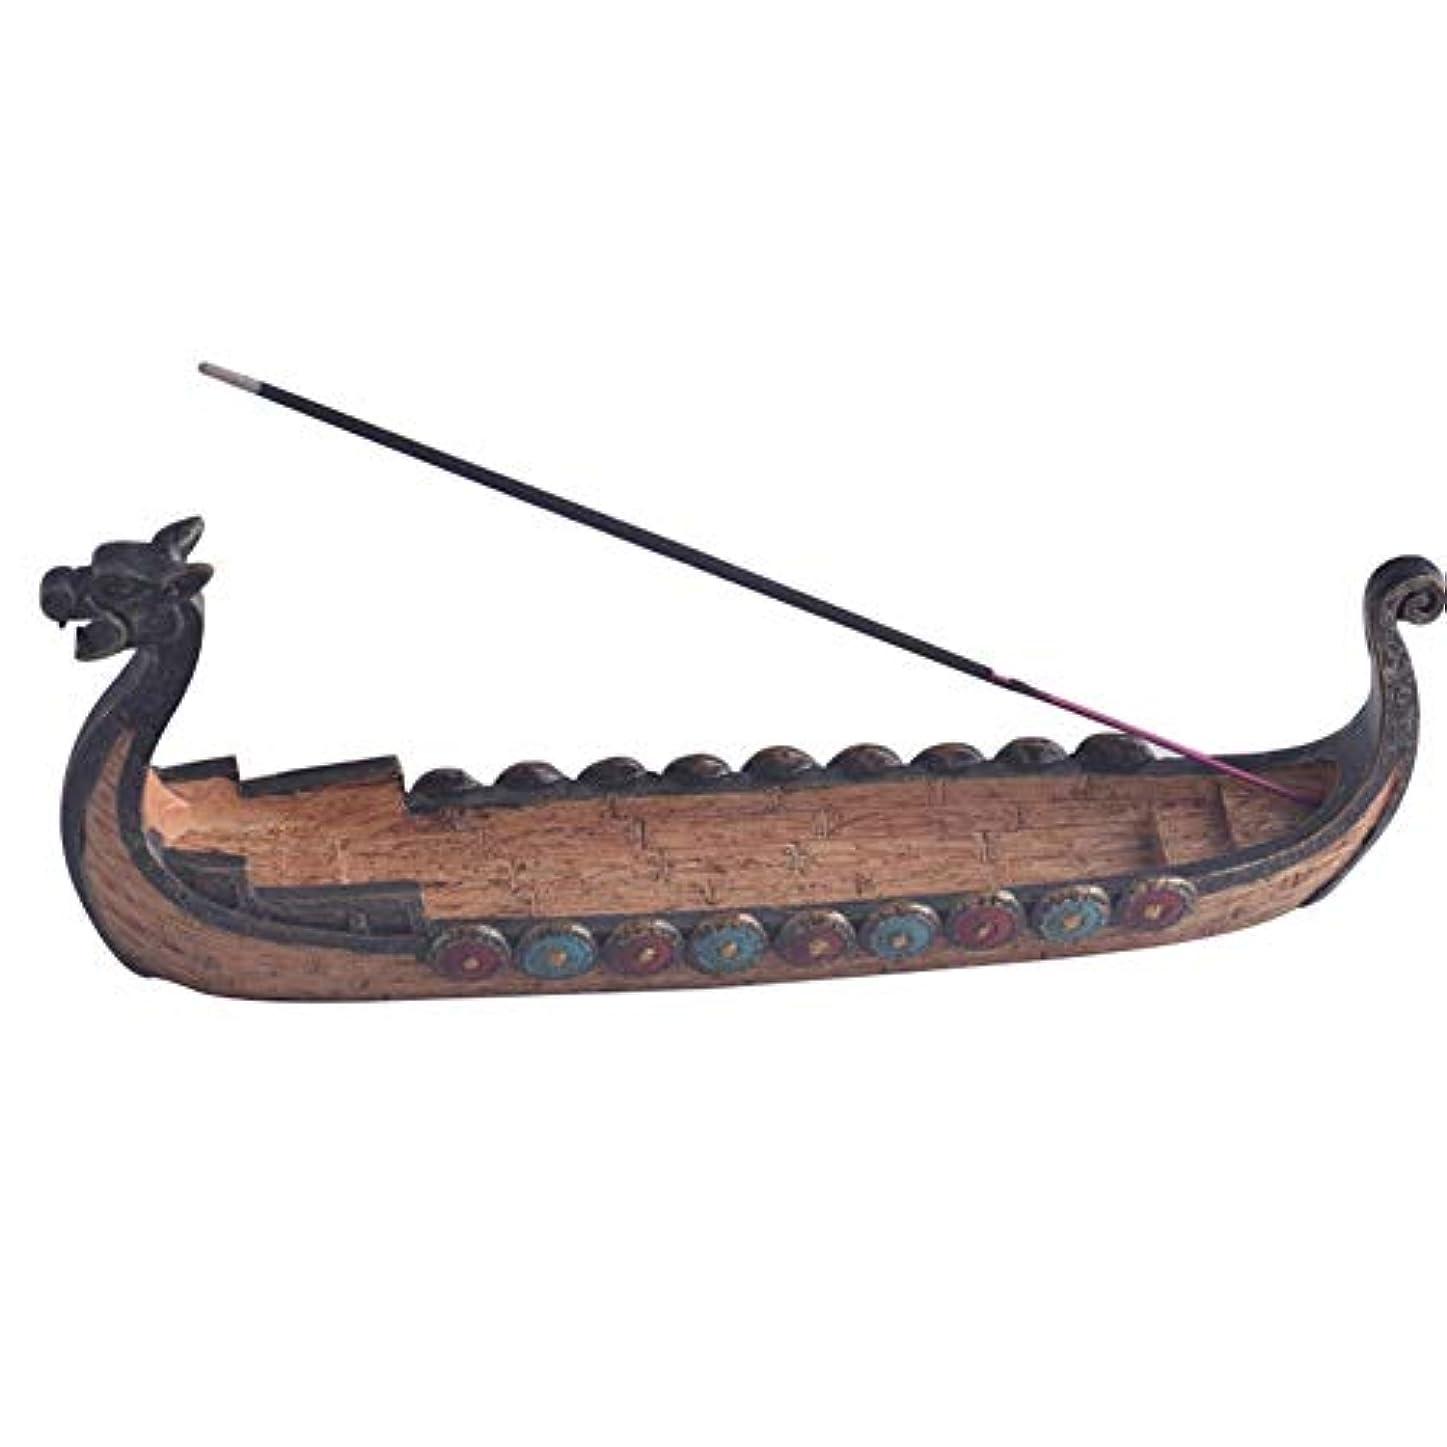 モールス信号準備ができて死ぬTenflyer スティック香中国の伝統的な家の装飾のためのドラゴンボート型香炉